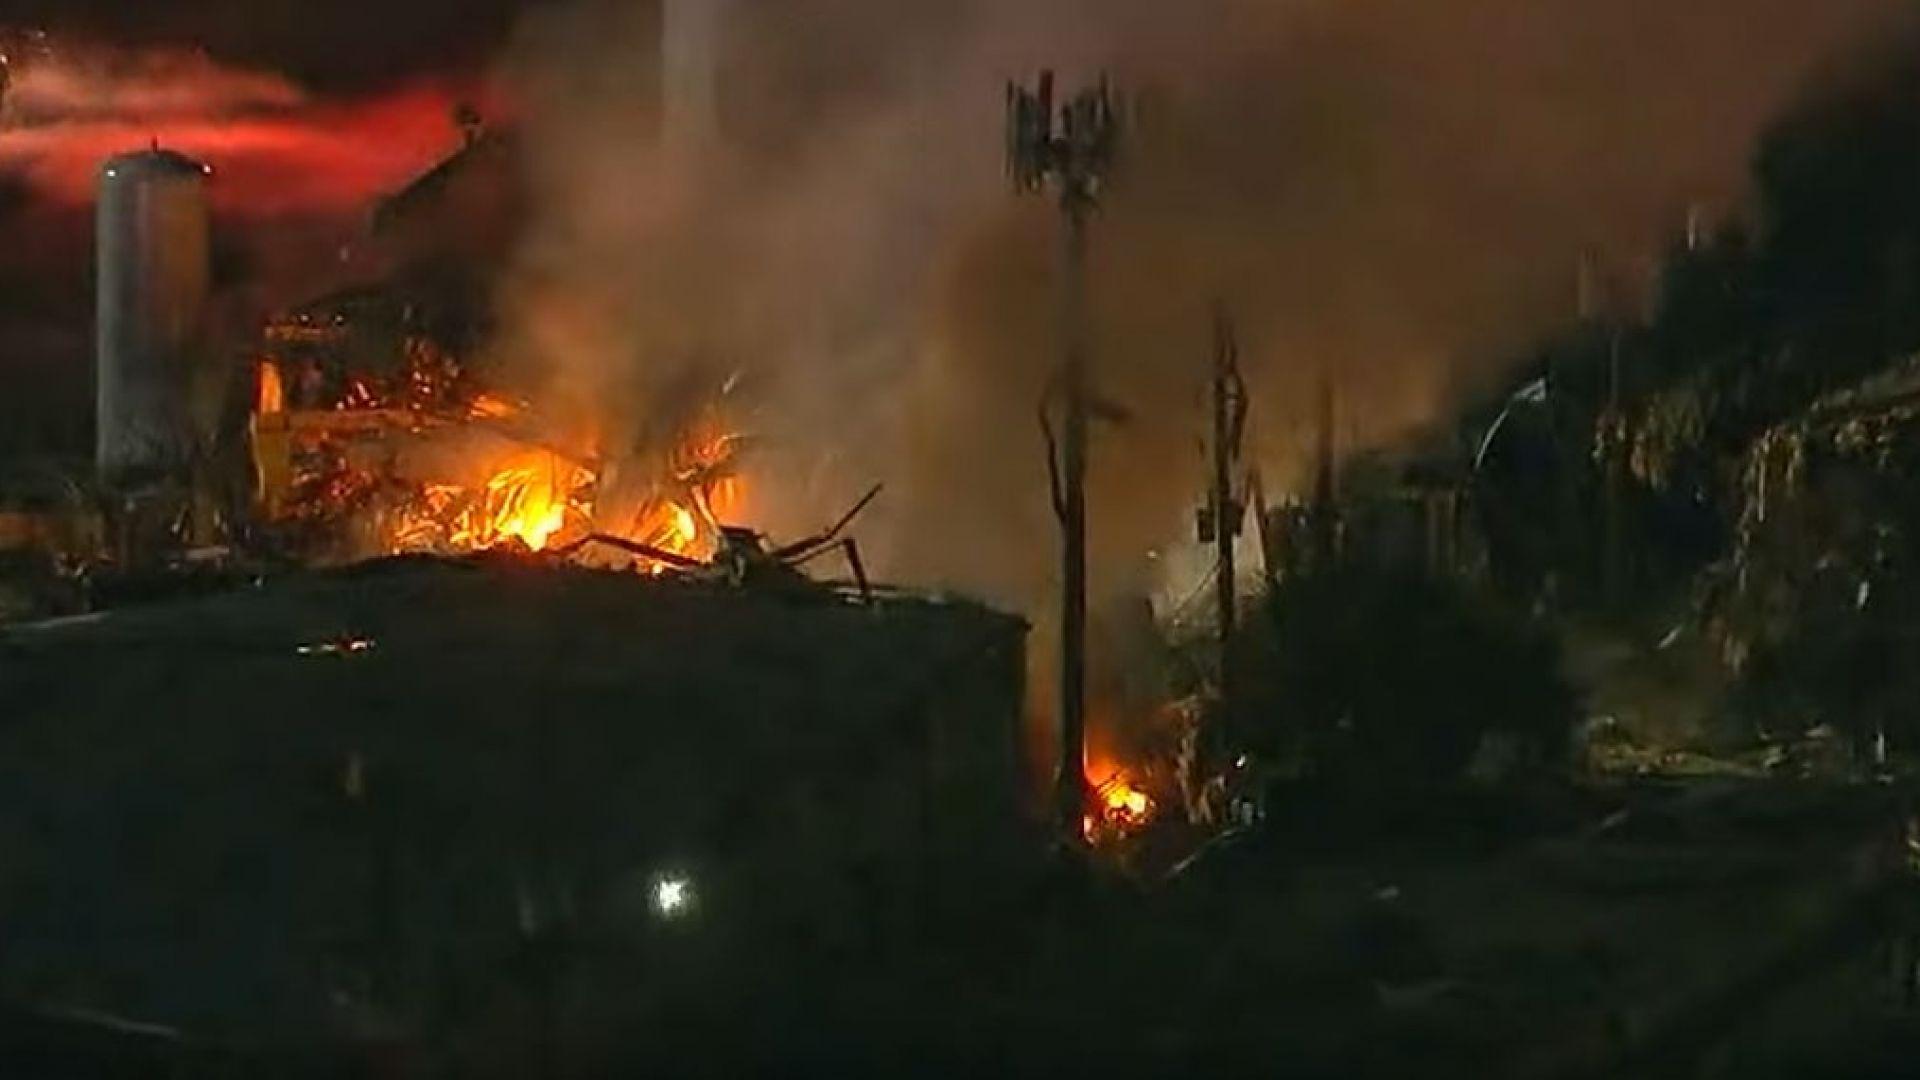 Мощна експлозия разтърси рано тази сутрин тексаския град Хюстън, съобщиха